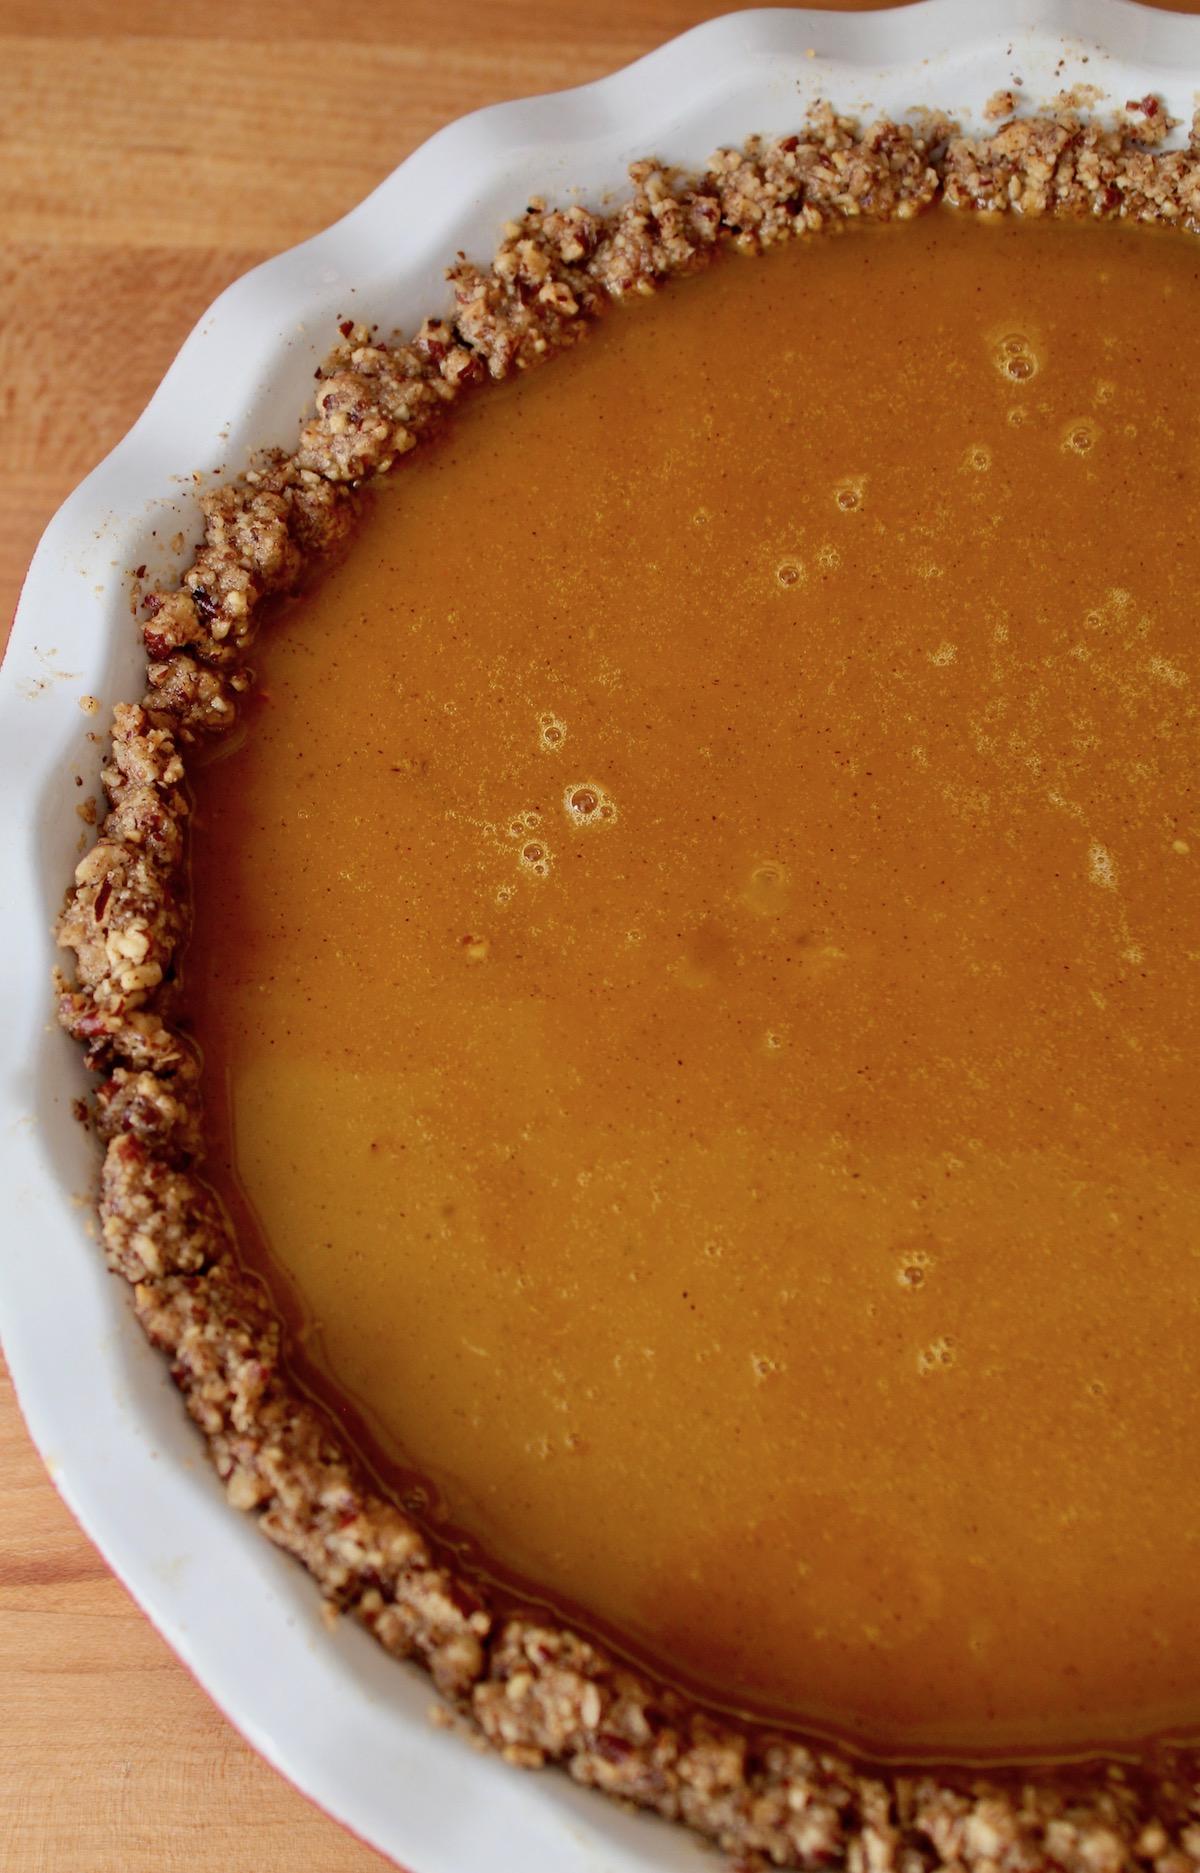 unbaked pumpkin pie in white pie plate